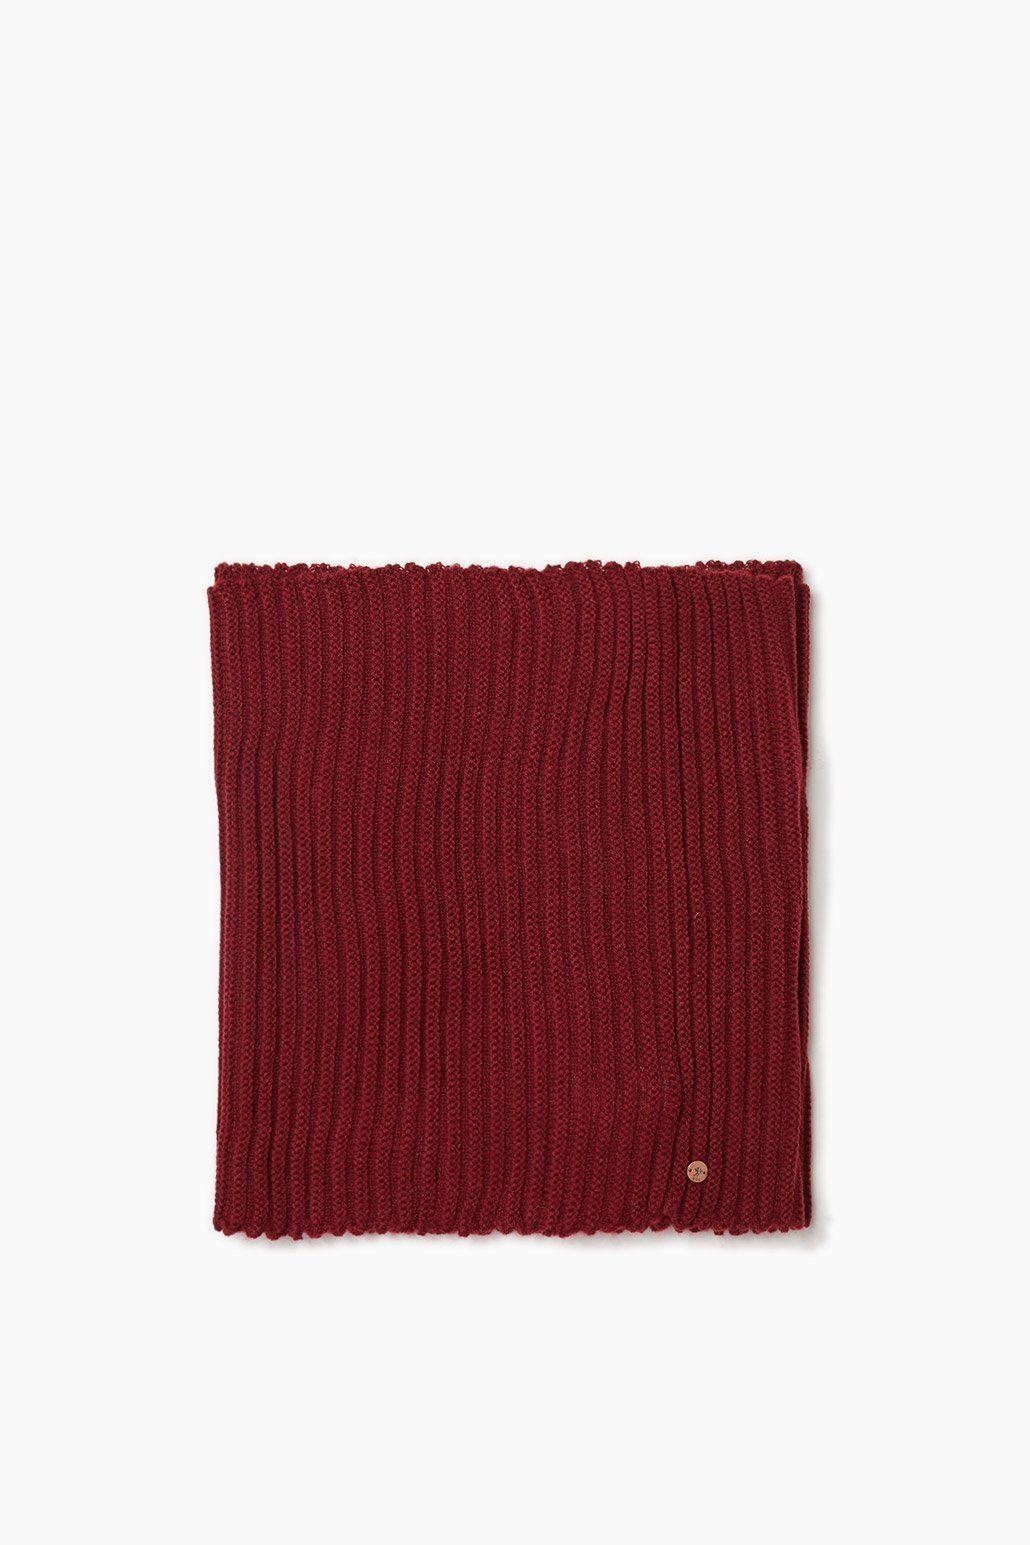 EDC Loop-Schal aus weichem Rippstrick